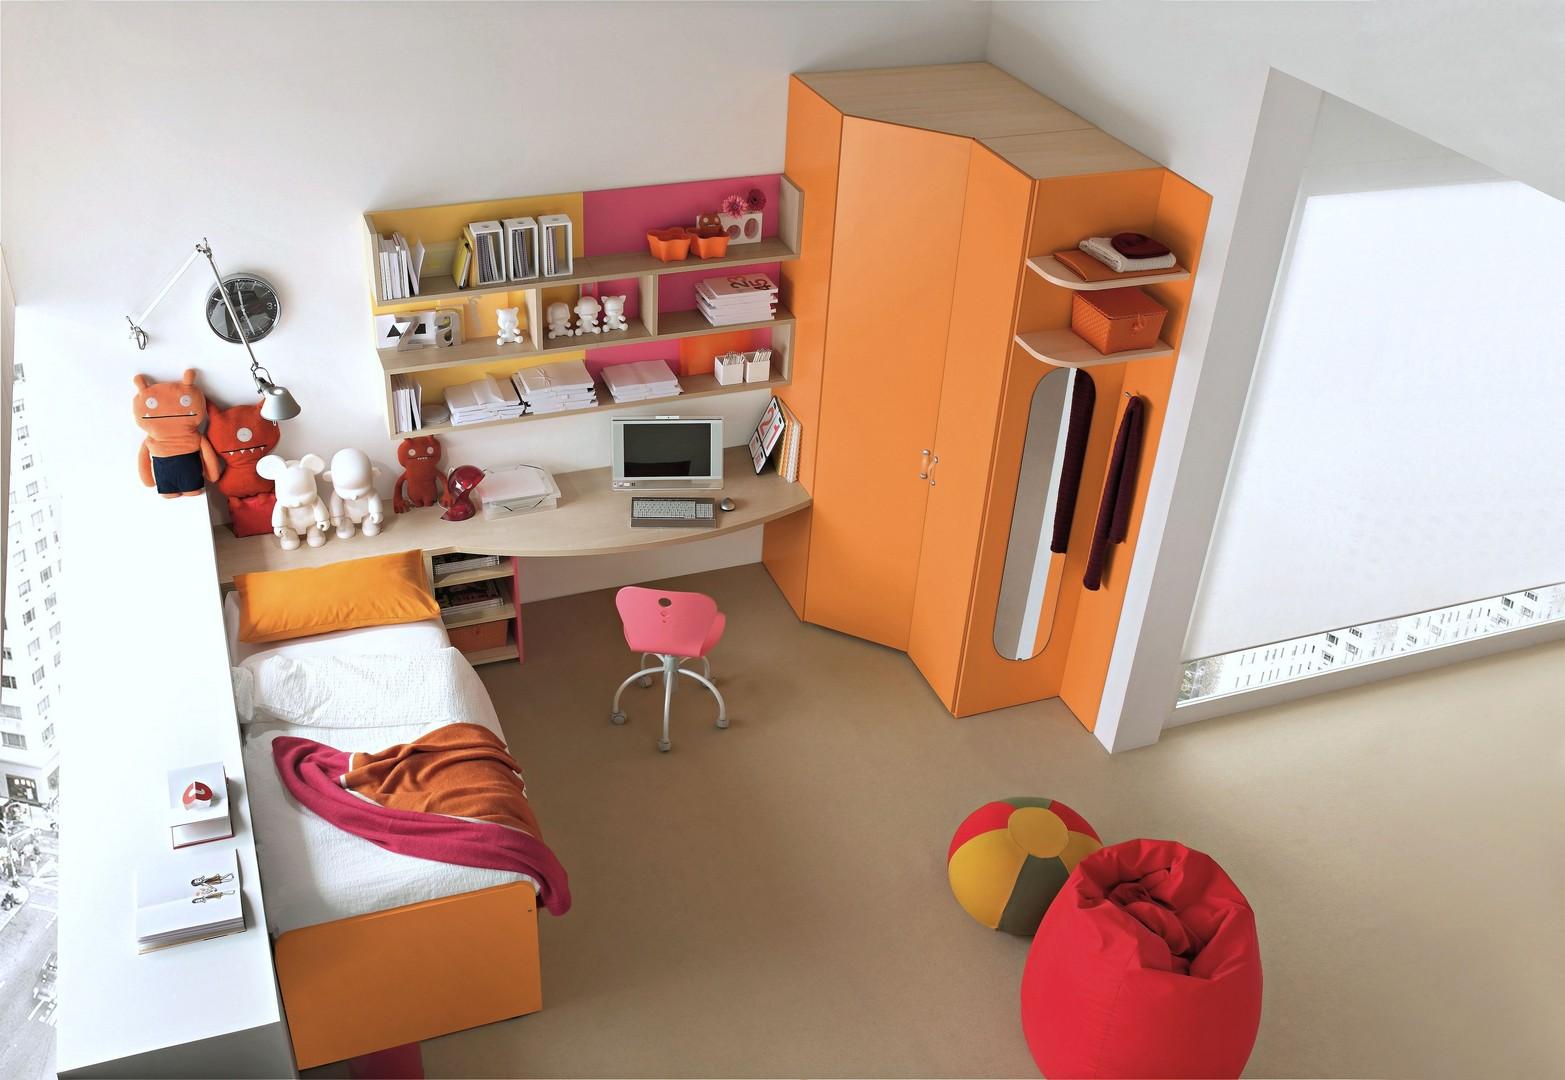 Dimensioni Minime Di Una Cabina Armadio : Cabine armadio